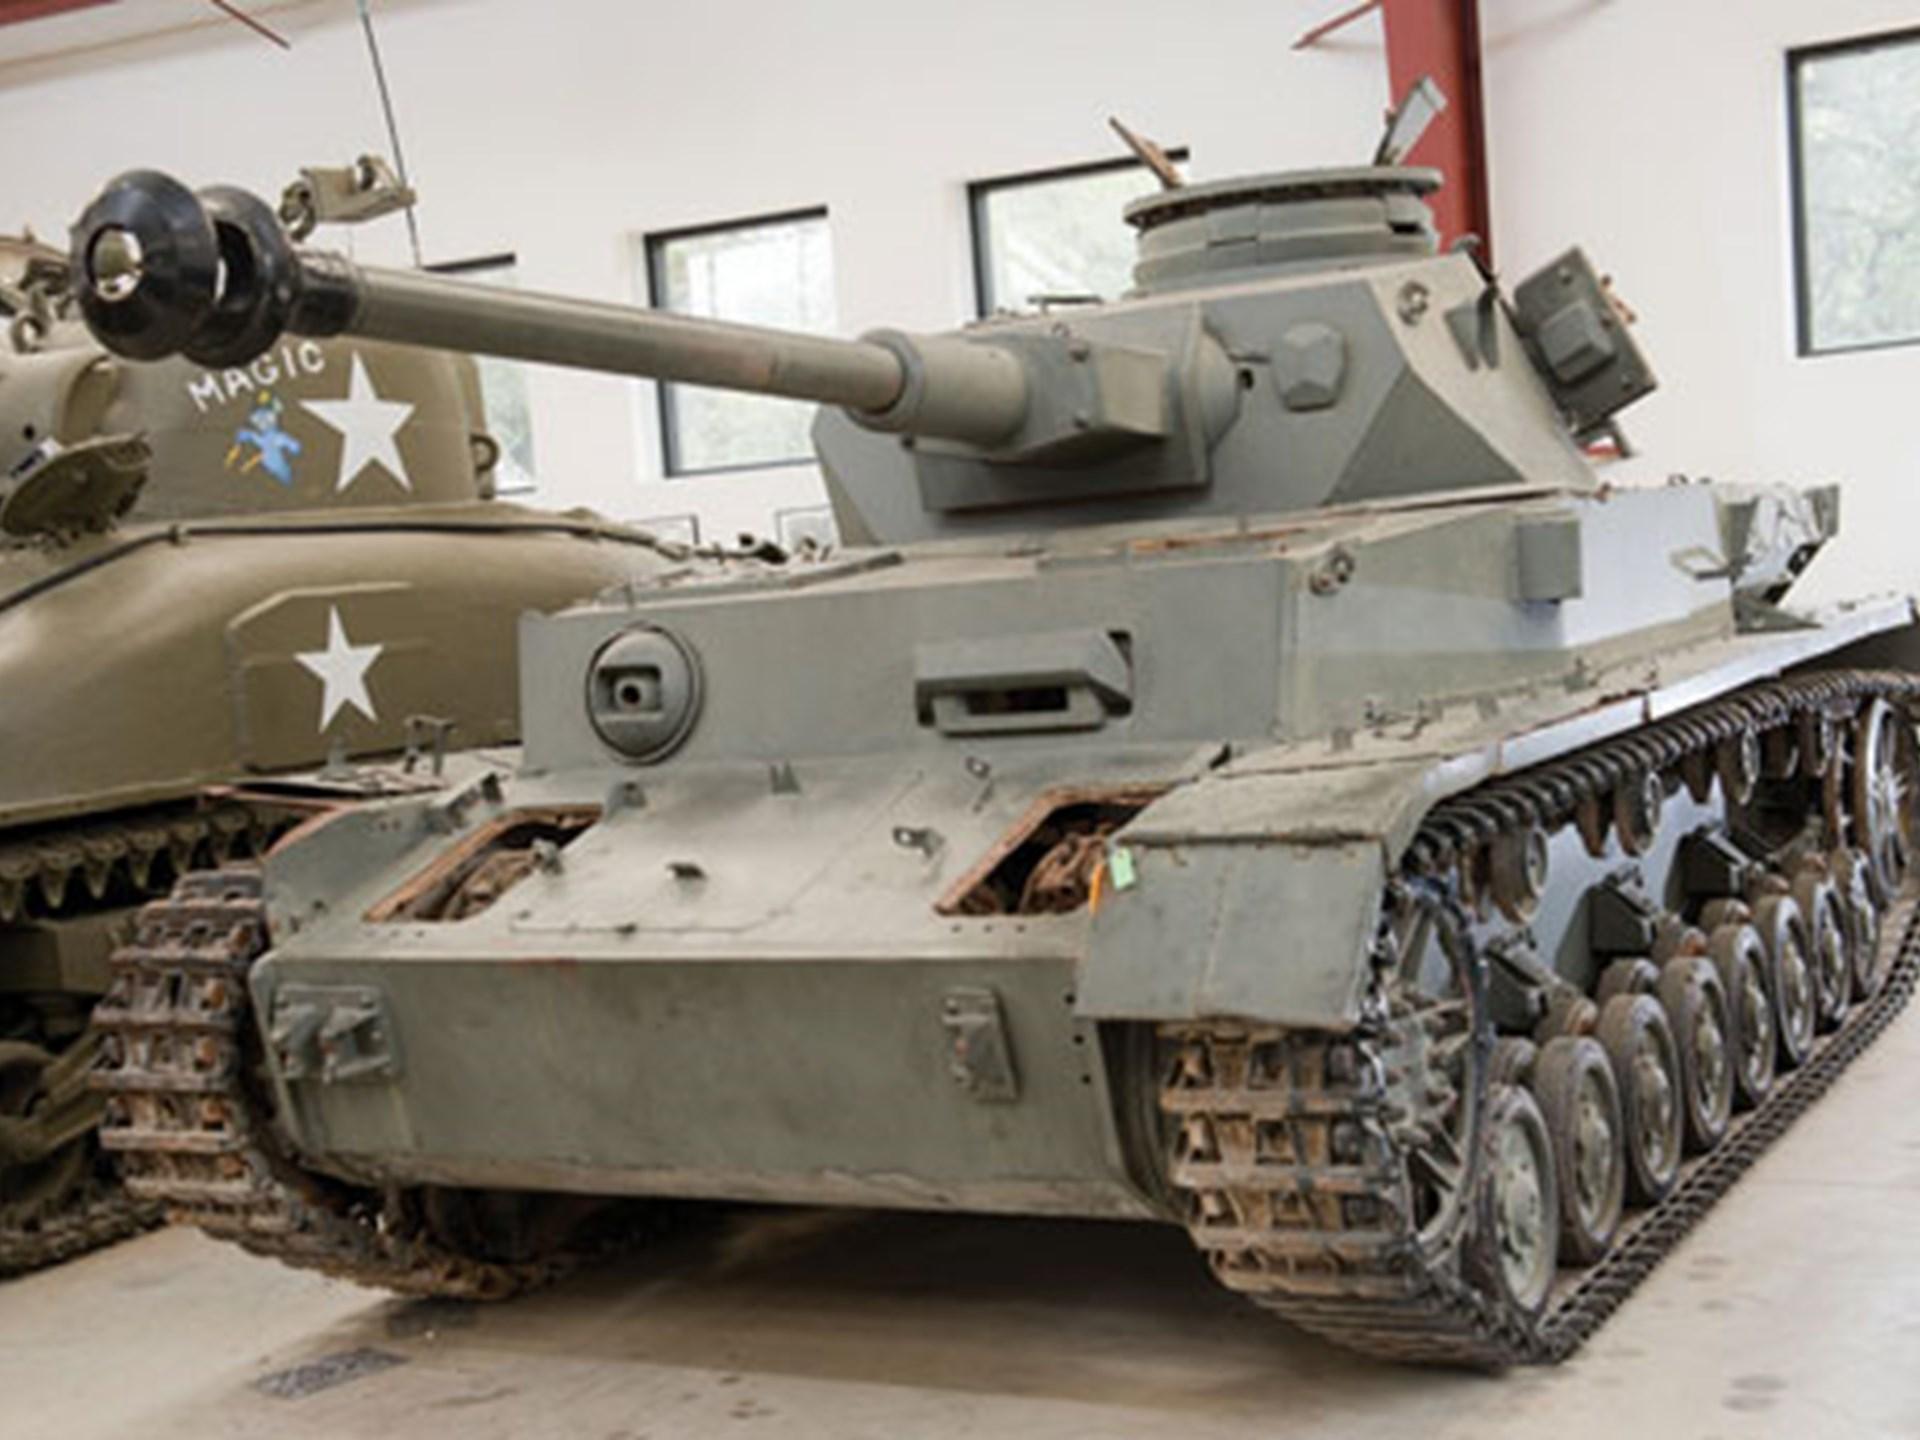 RM Sothebys - Panzerkampfwagen IV Ausf. H (Sd.Kfz. 161/2